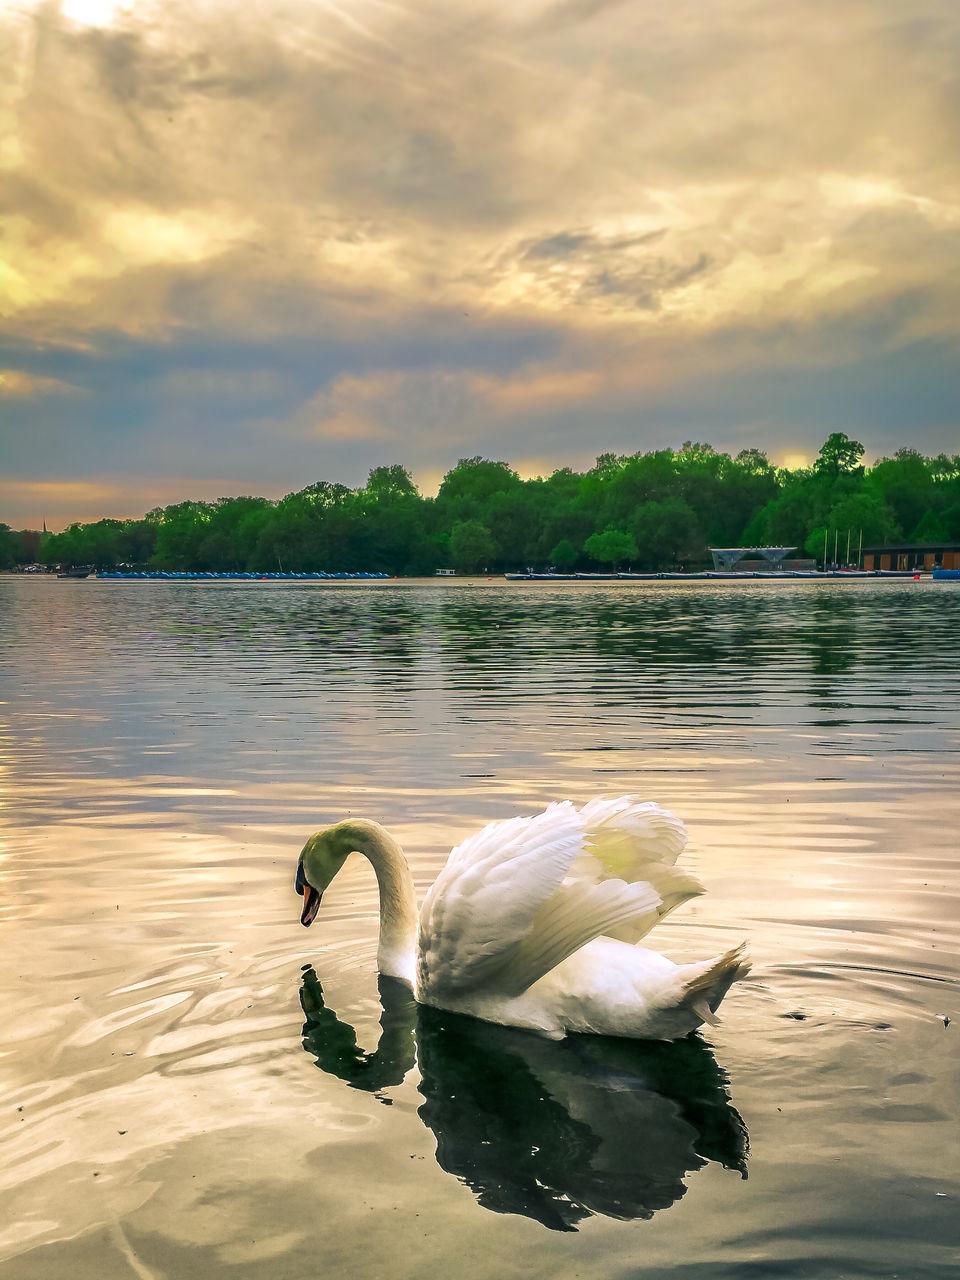 Swan Swimming In Lake During Sunset